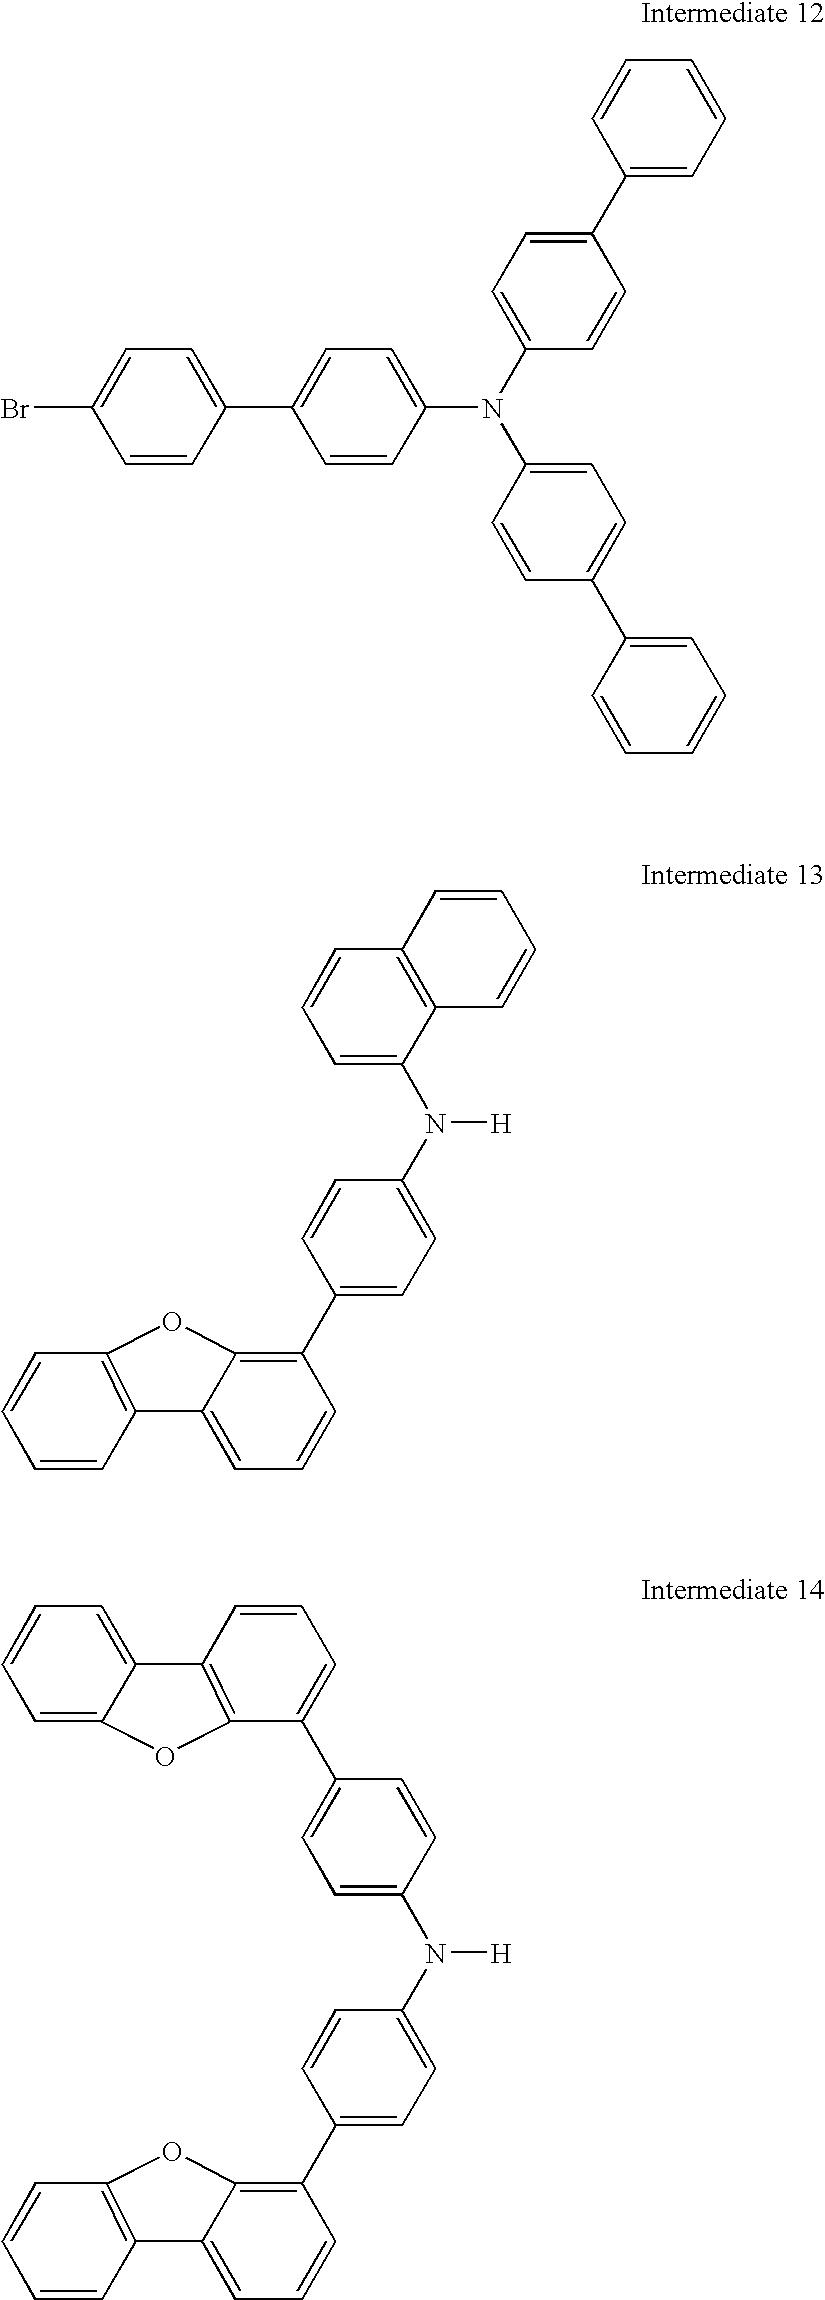 Figure US20070278938A1-20071206-C00051